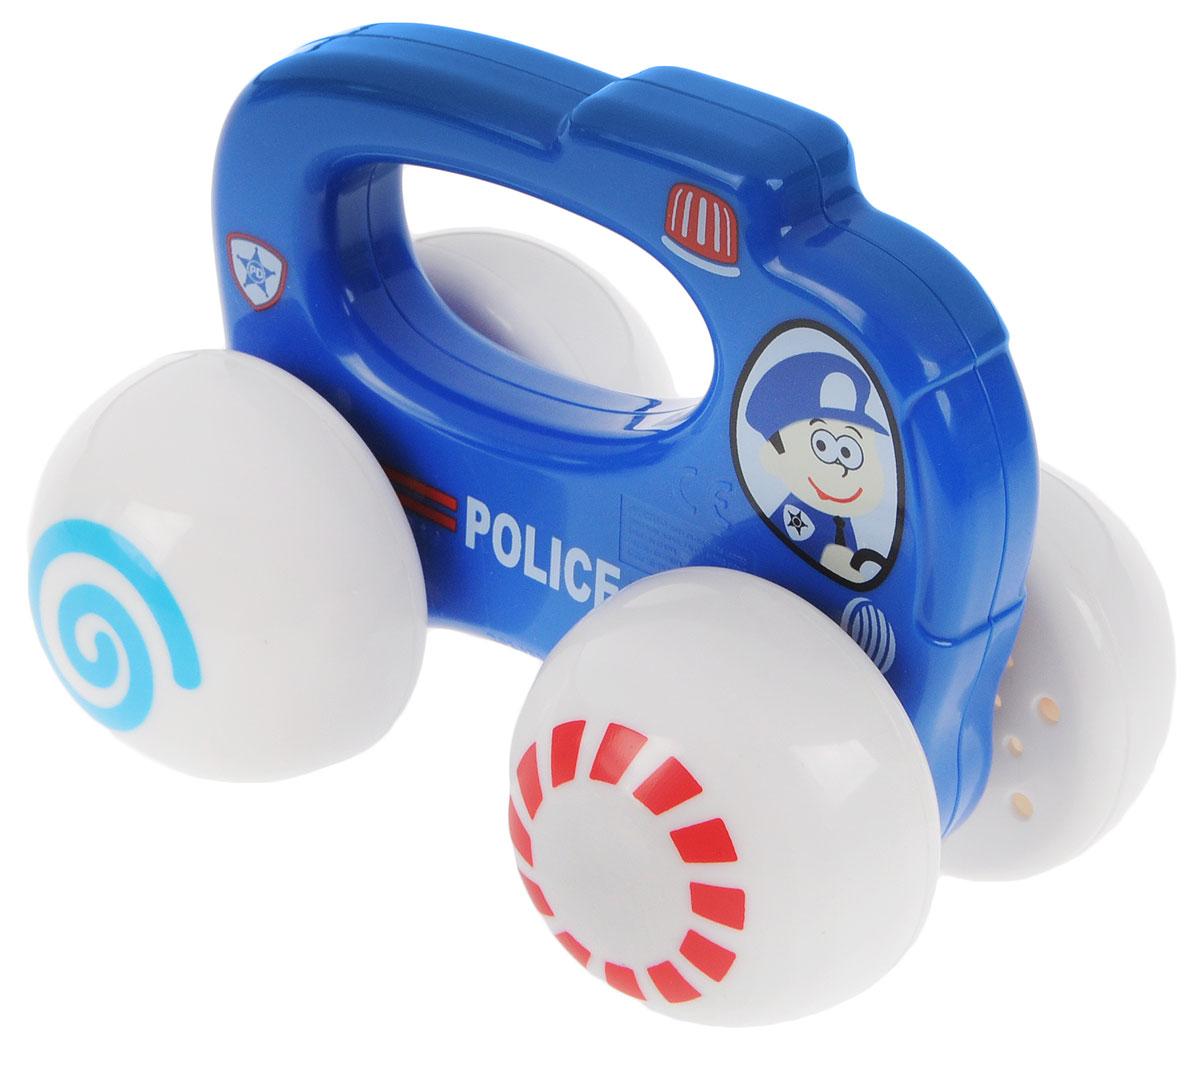 Playgo Развивающая игрушка Полицейская машинаPlay 1666Развивающая игрушка Playgo Полицейская машина своим ярким оформлением будет привлекать внимание малыша. Необычный дизайн сразу заинтересует ребенка. Игрушка изготовлена из качественного пластика и окрашена в синий цвет. Большие гладкие белые колеса имеют разноцветные рисунки. Такая забавная игрушка будет формировать представление о цветах и формах, способствовать развитию мелкой моторики.